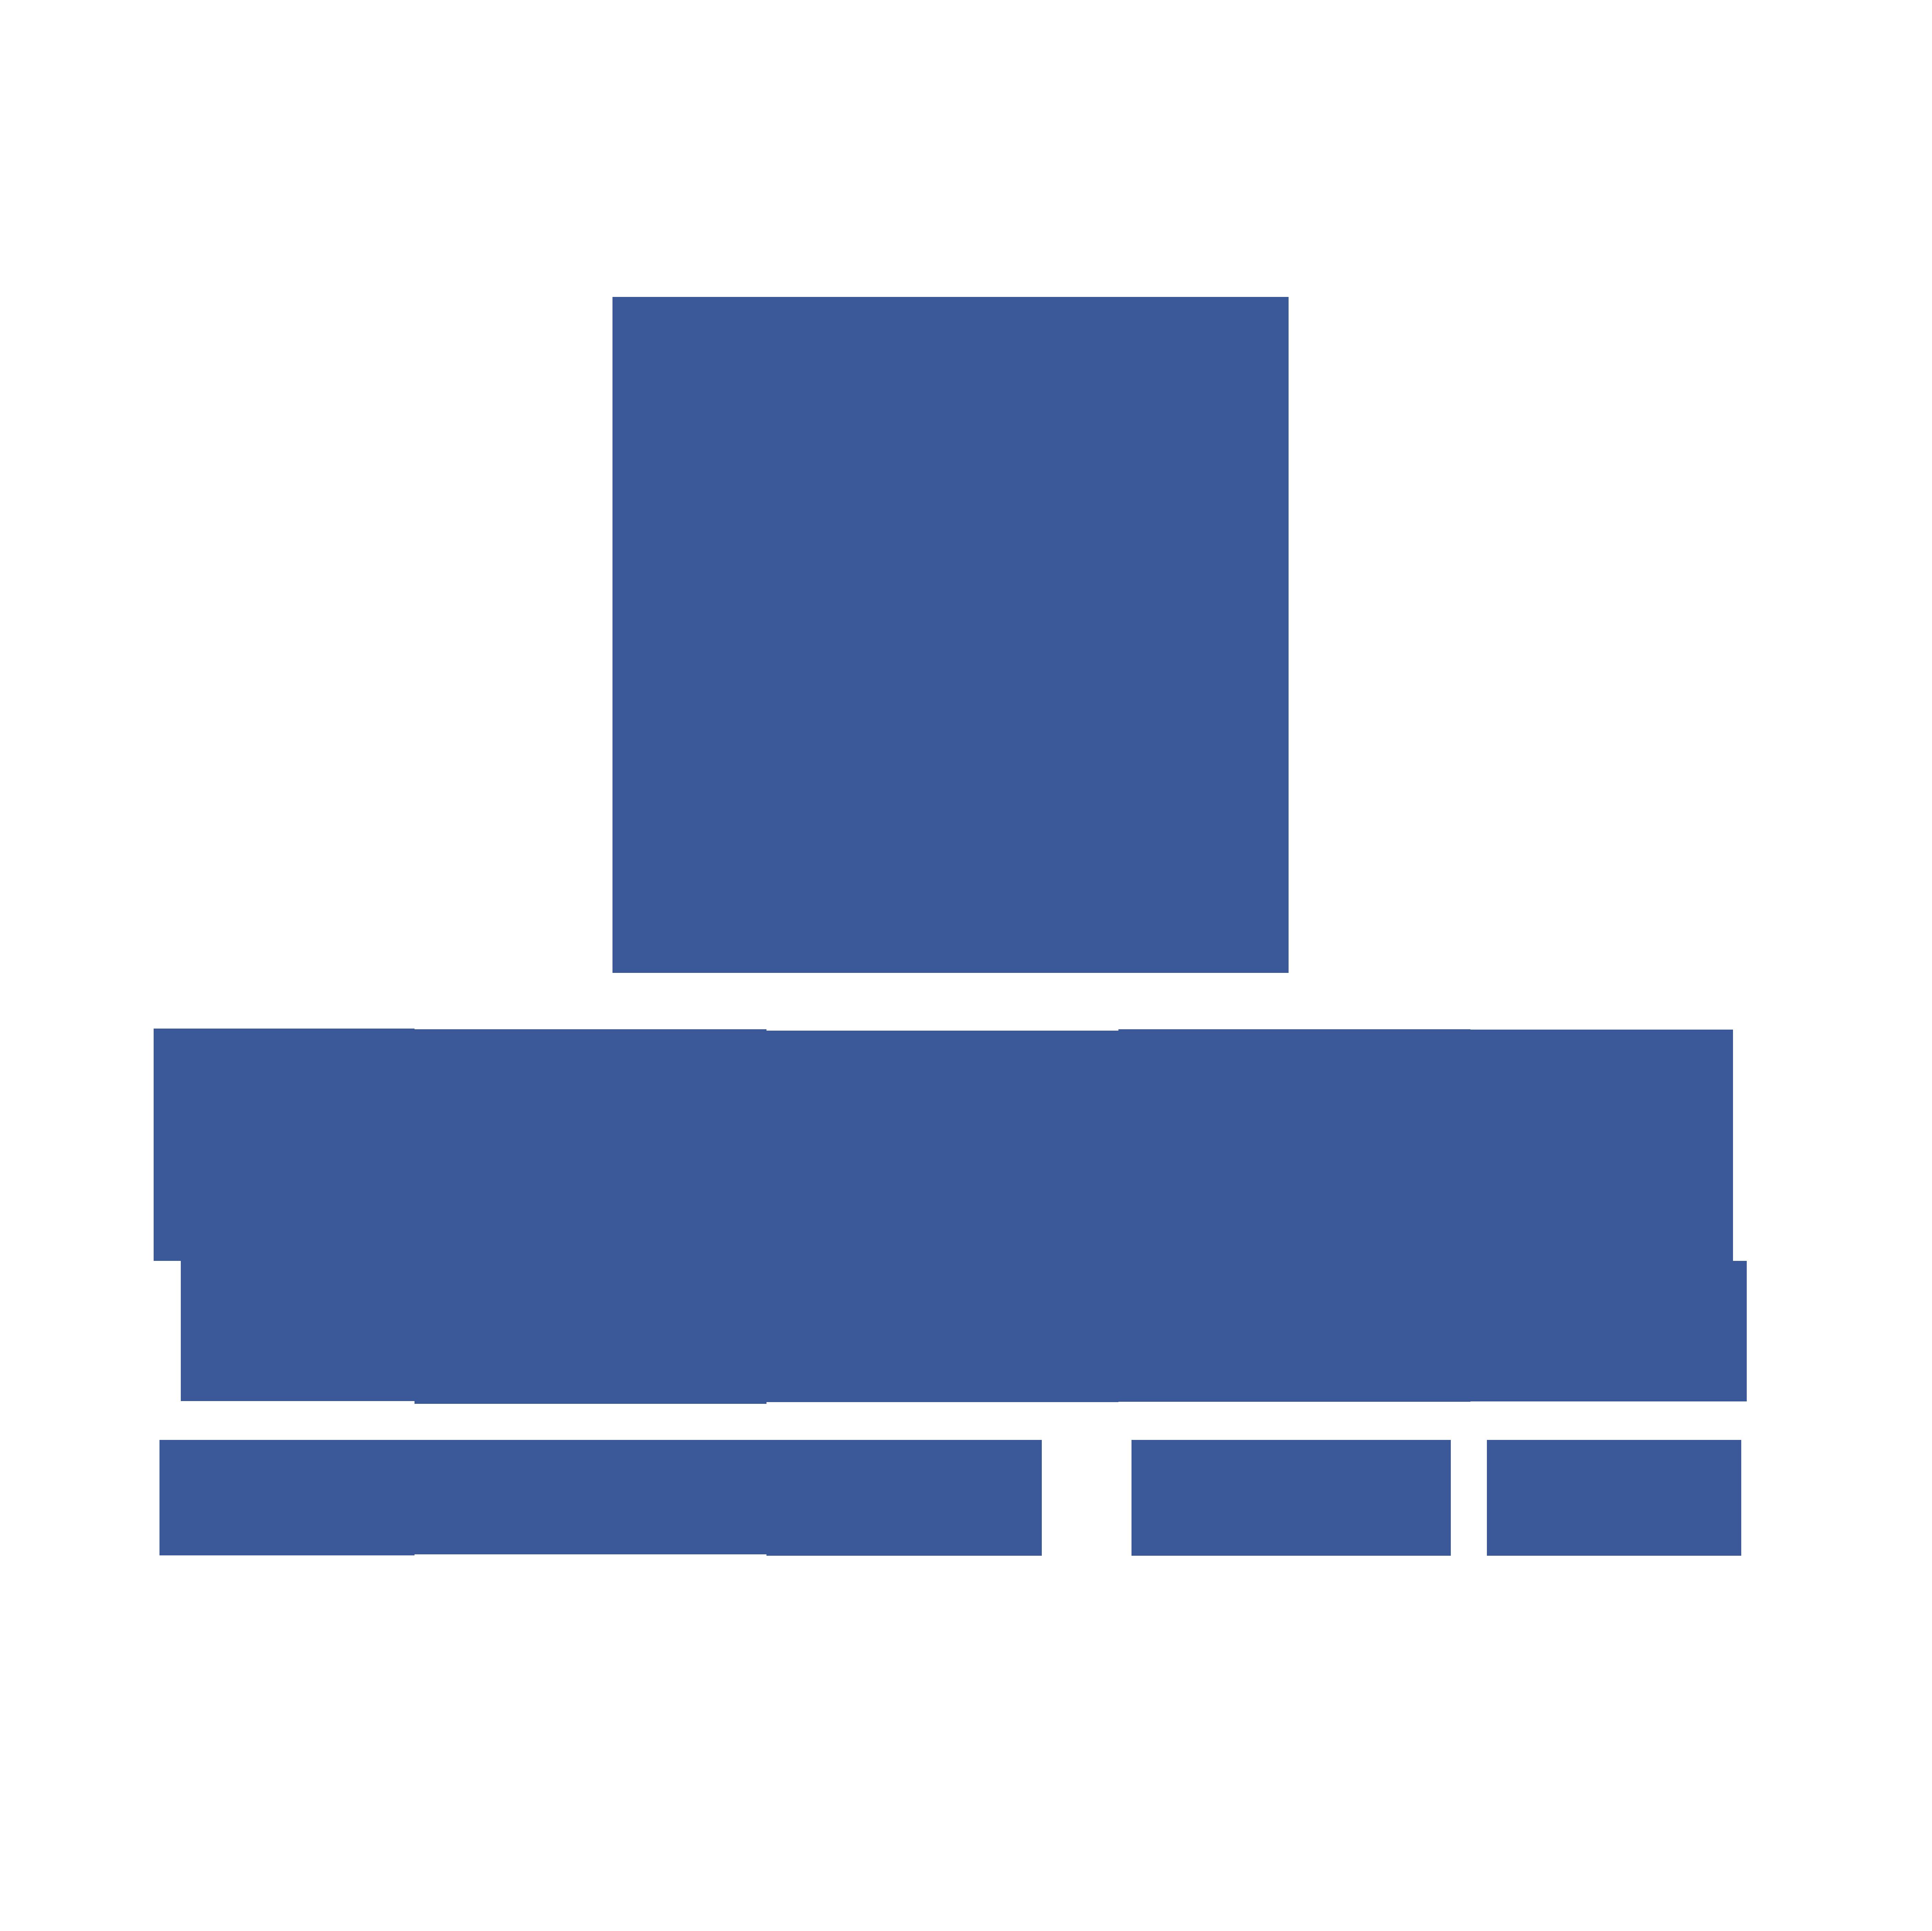 福州融腾股权投资管理有限公司